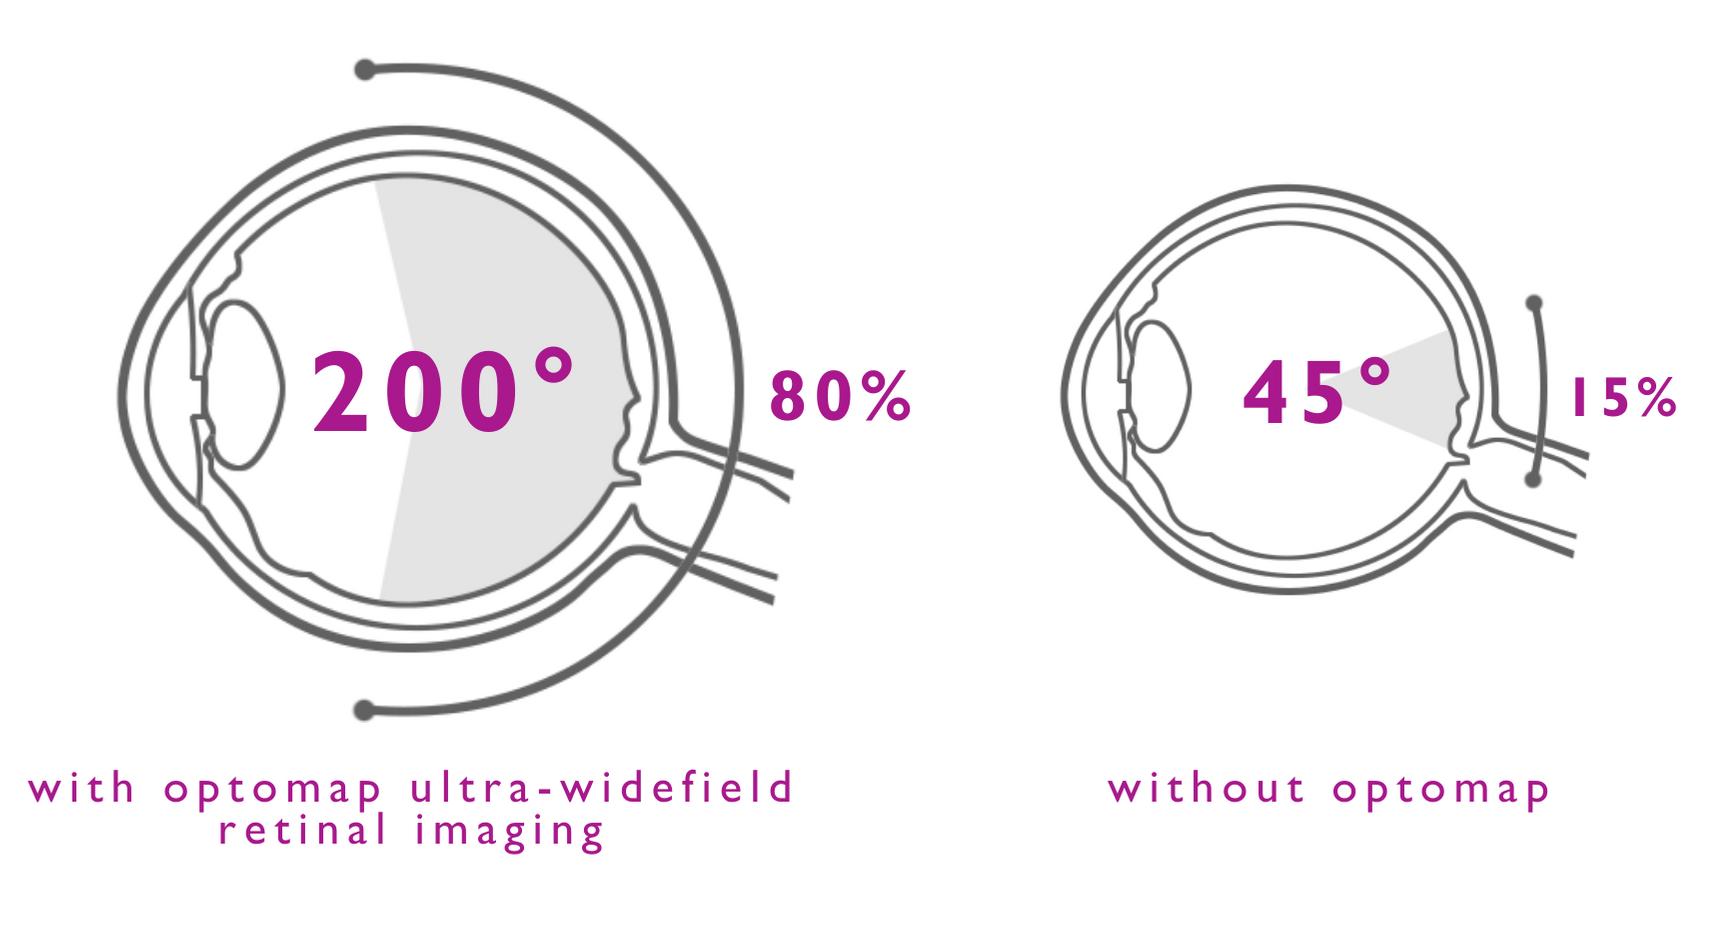 optomap with ulta-wide retinal imaging diagram